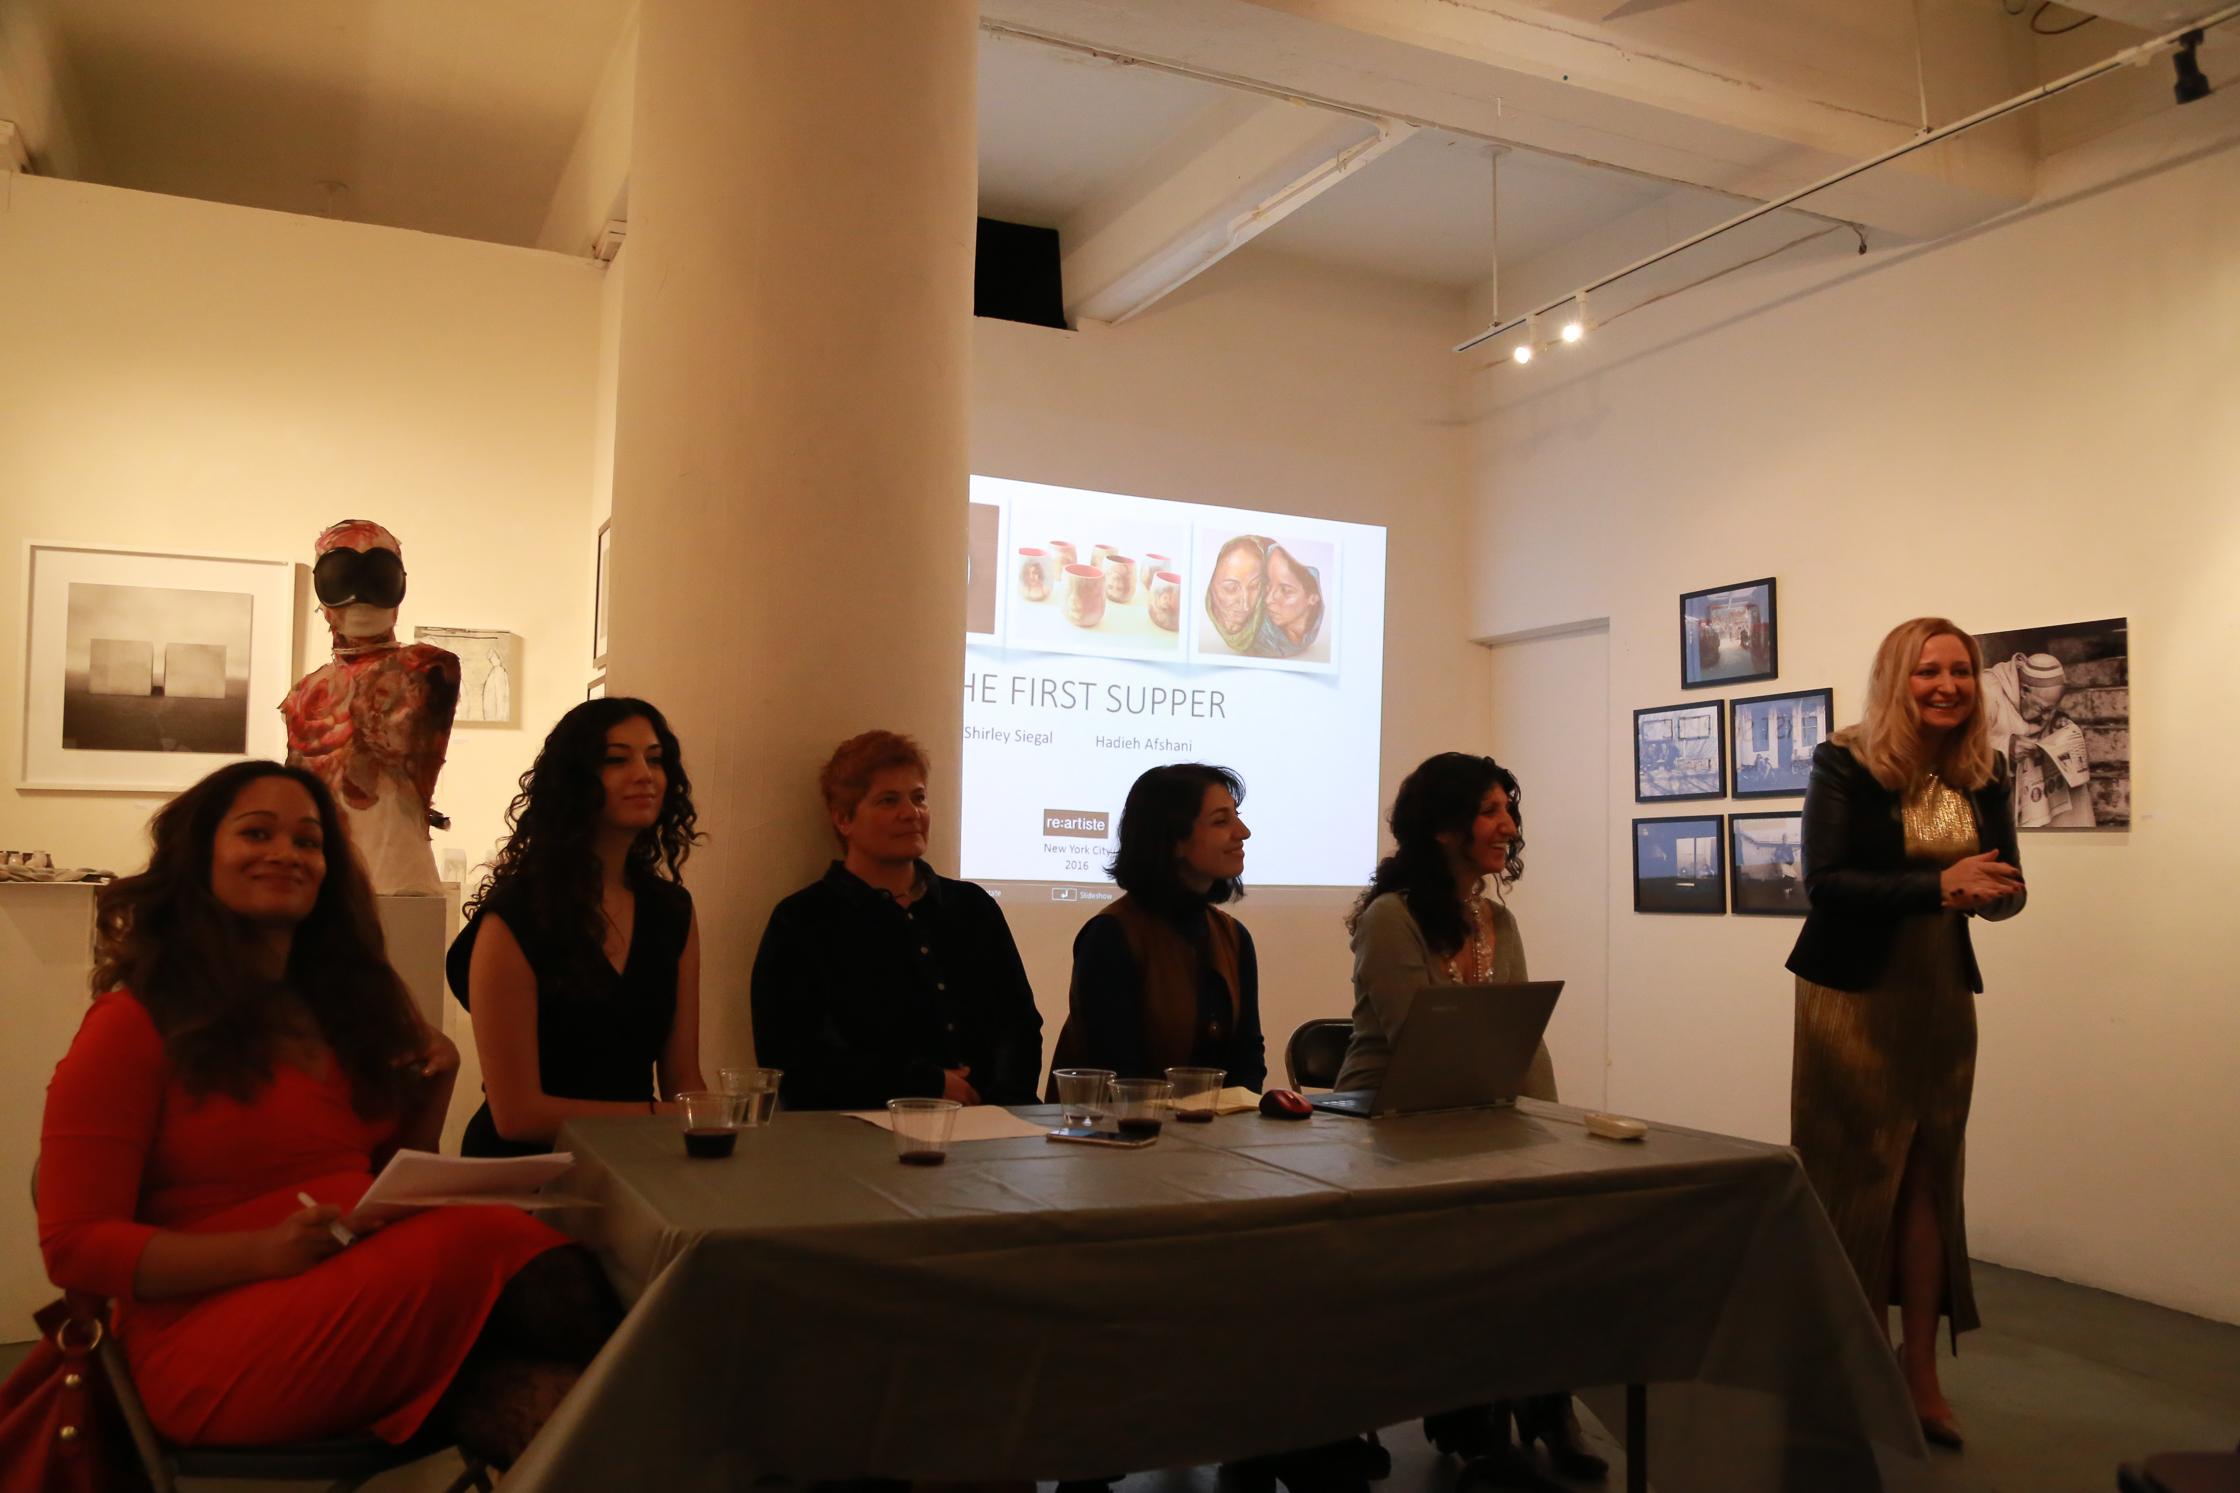 thefirstsupper-artproject-panelists-a.jpg